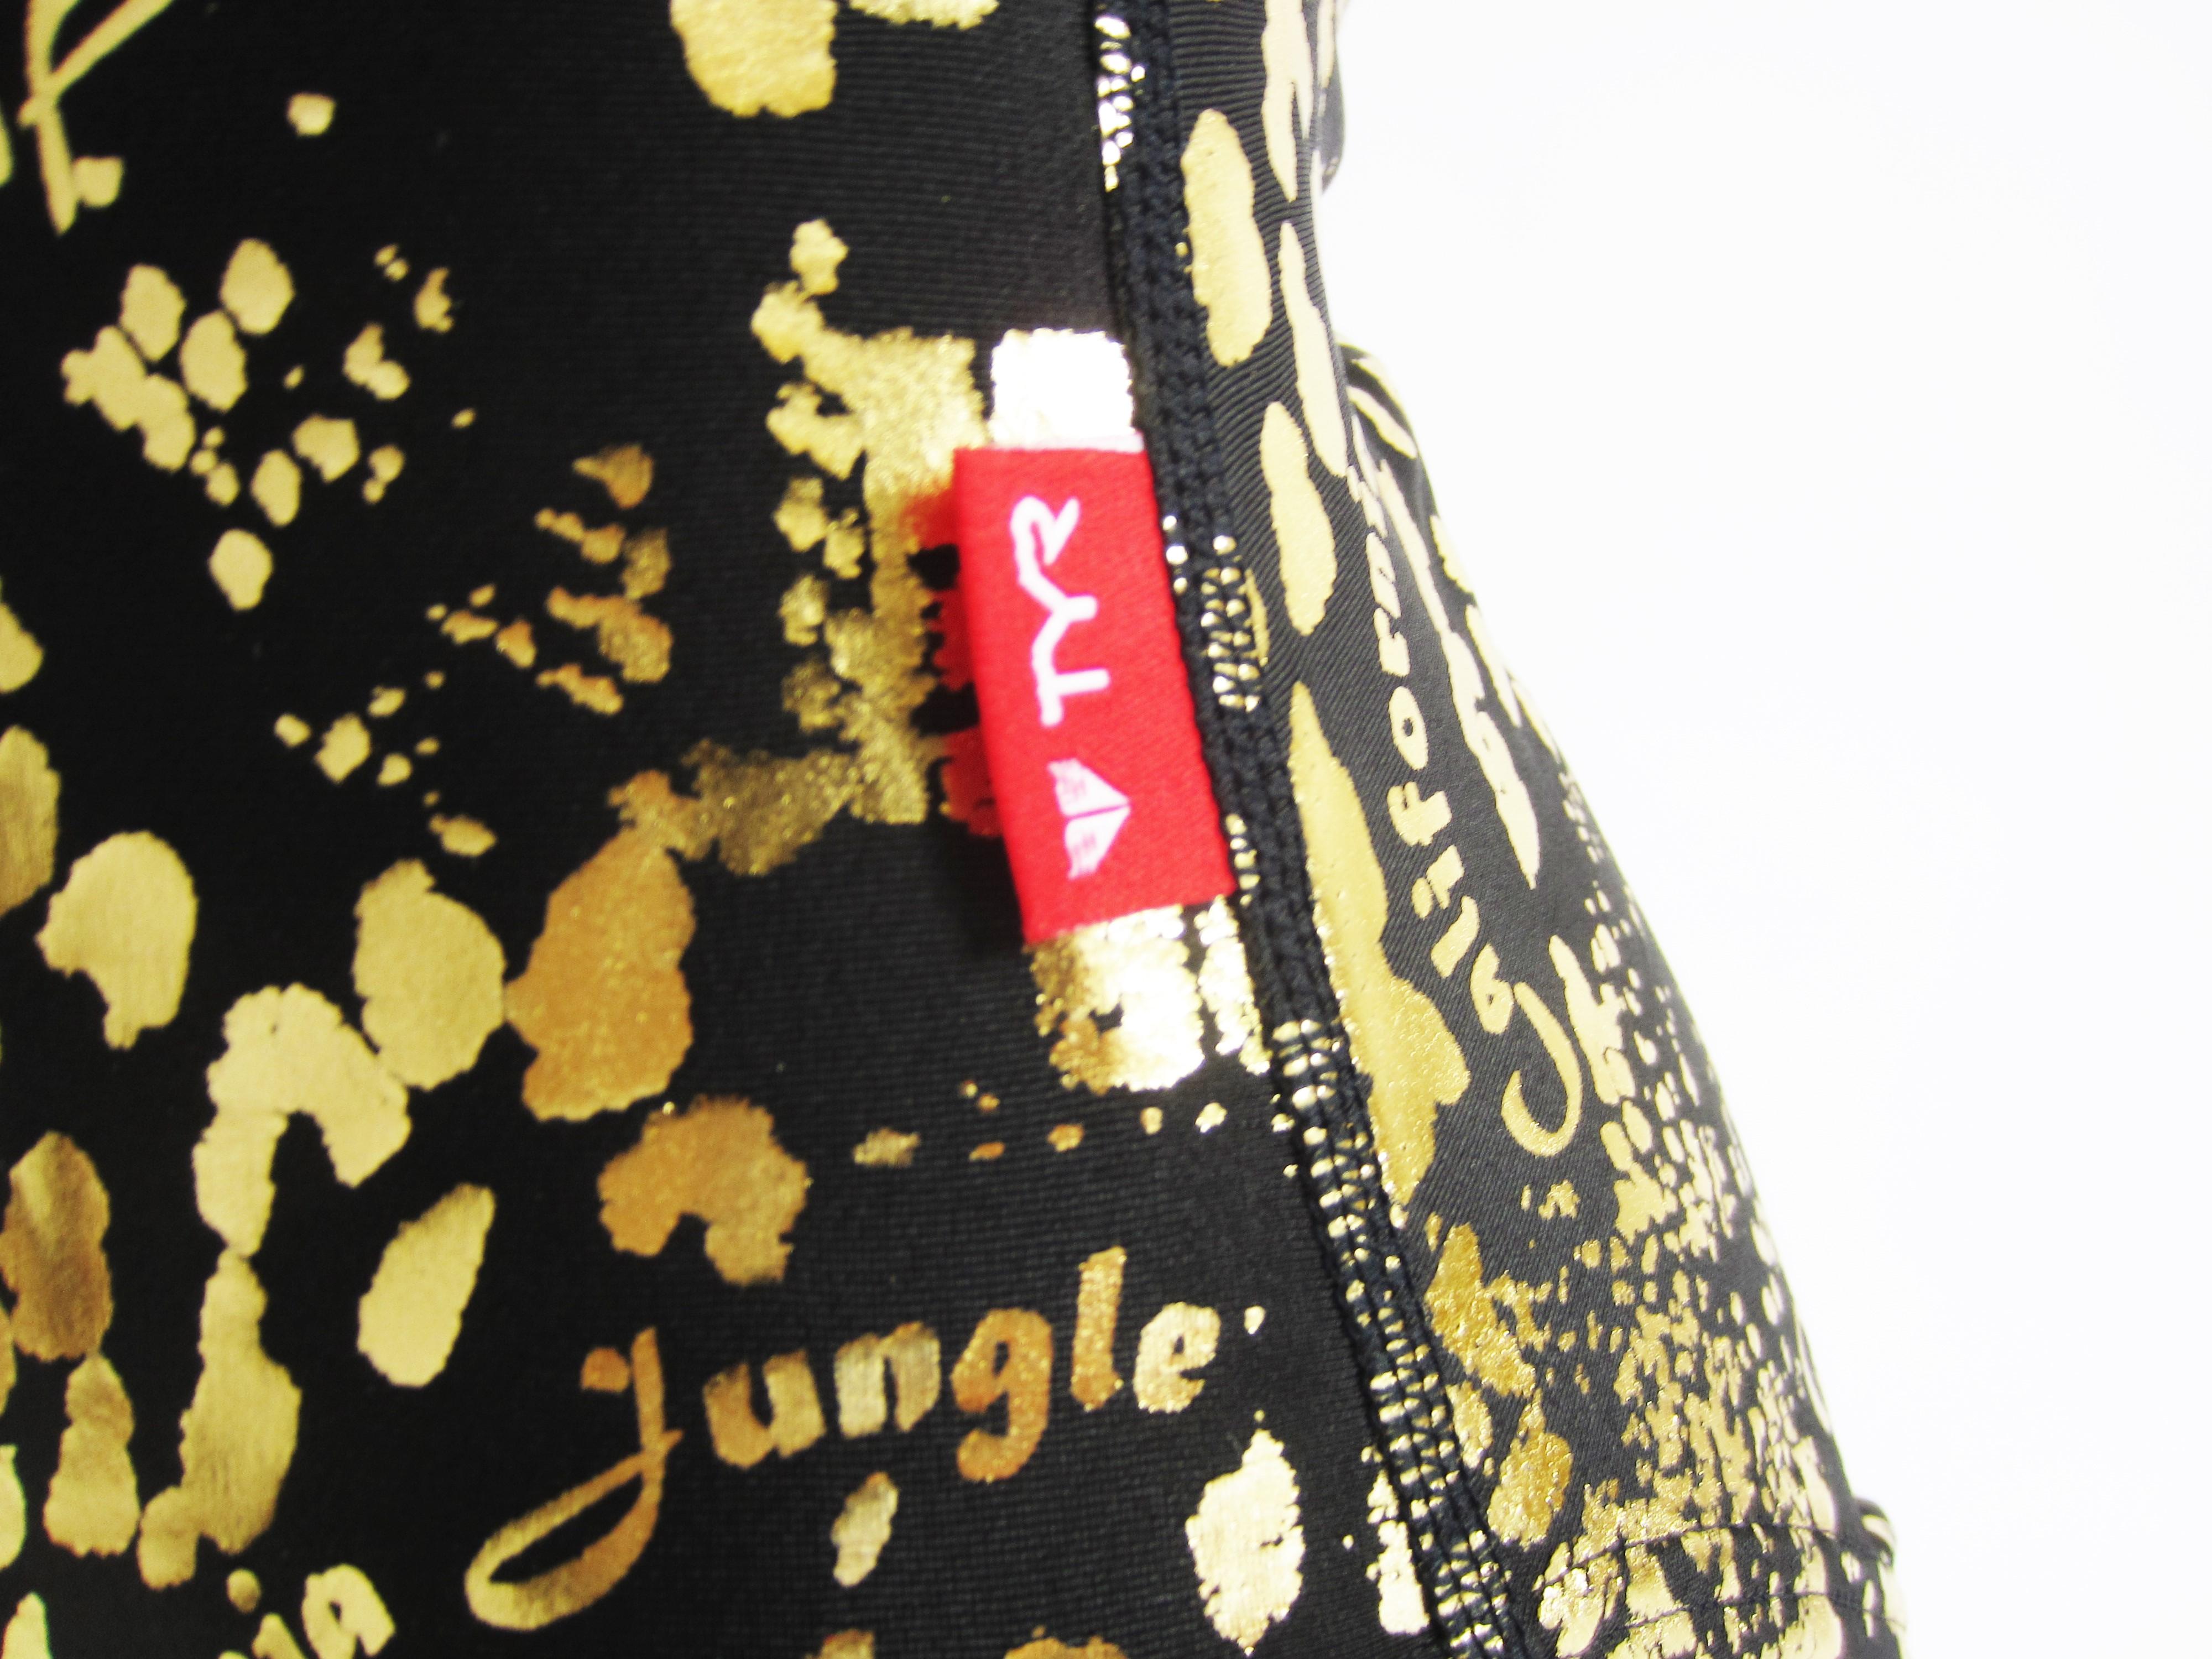 別注 TYR(ティア) ブラック × ゴールド クロコダイル柄 水球水着 ハイネック競泳水着「スイムショプイノウエ限定」